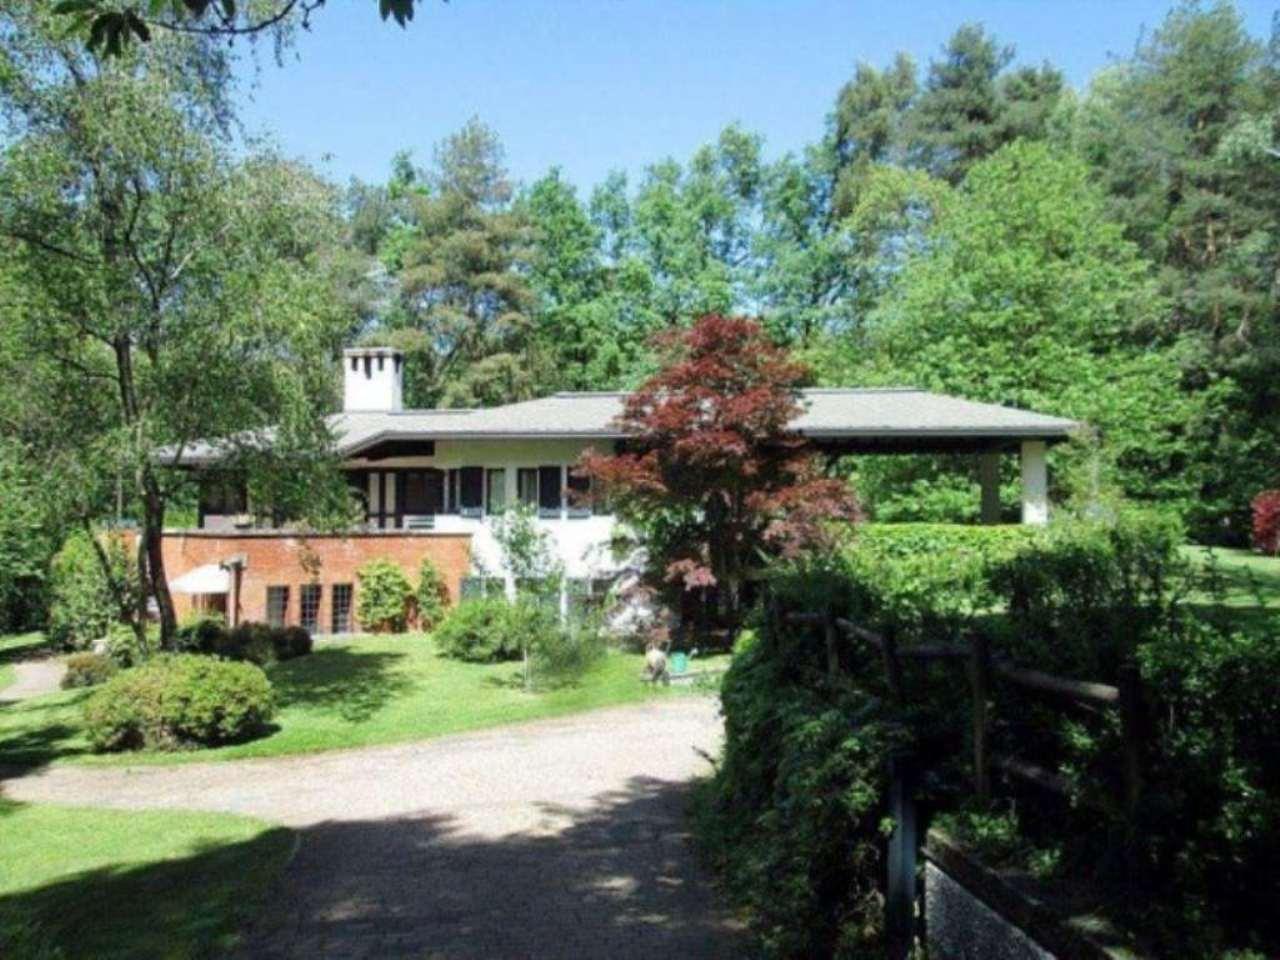 Villa in vendita a Borgo Ticino, 9999 locali, prezzo € 650.000 | CambioCasa.it